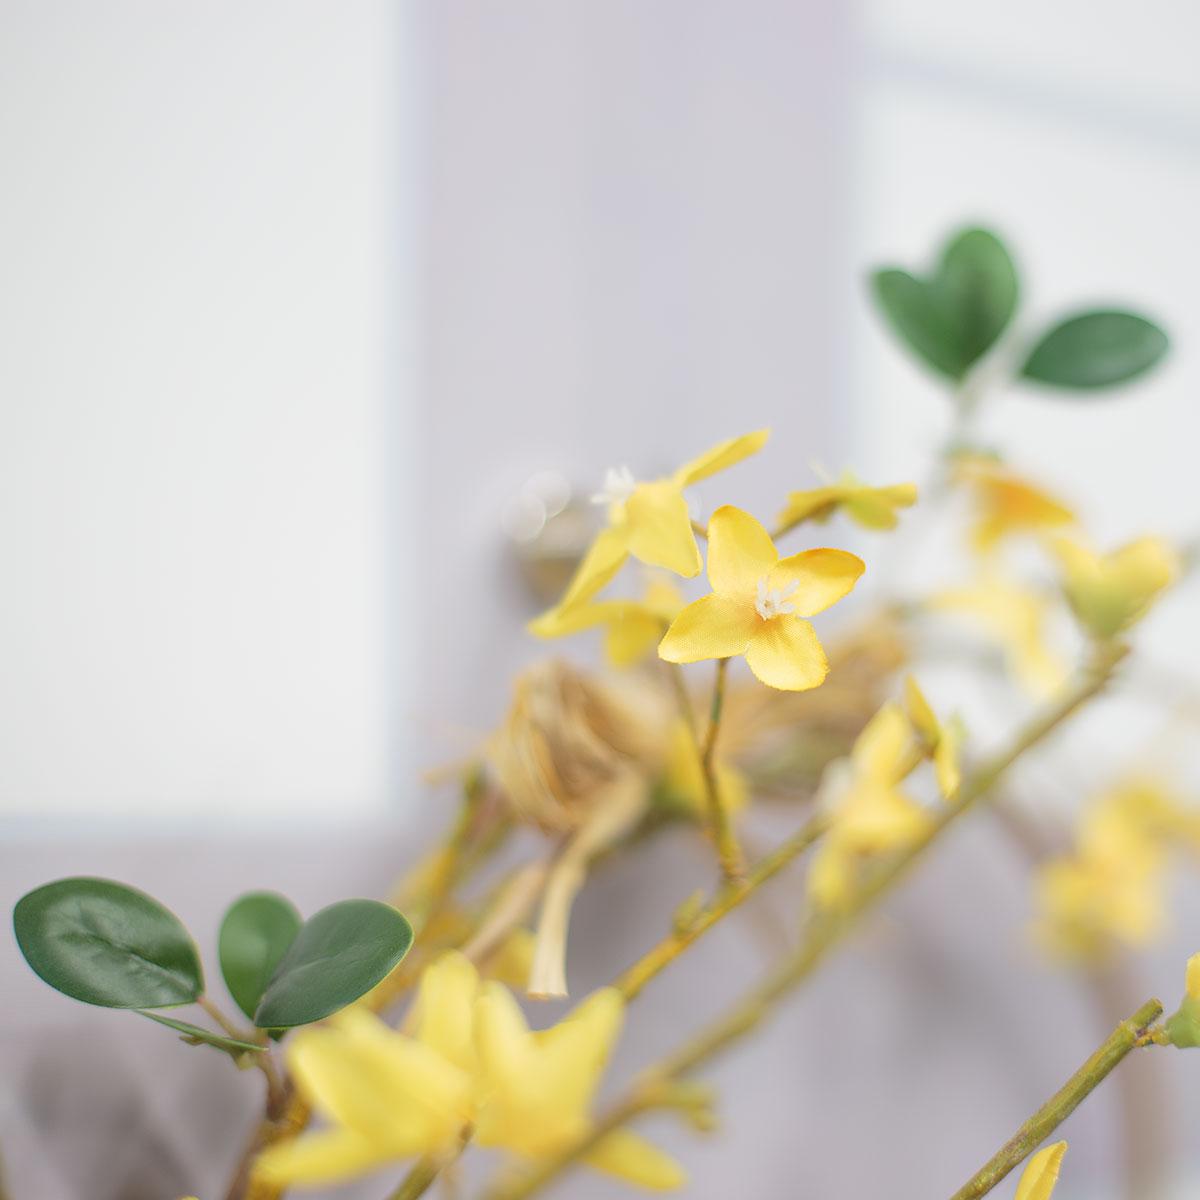 개나리 꽃 디테일 사진2